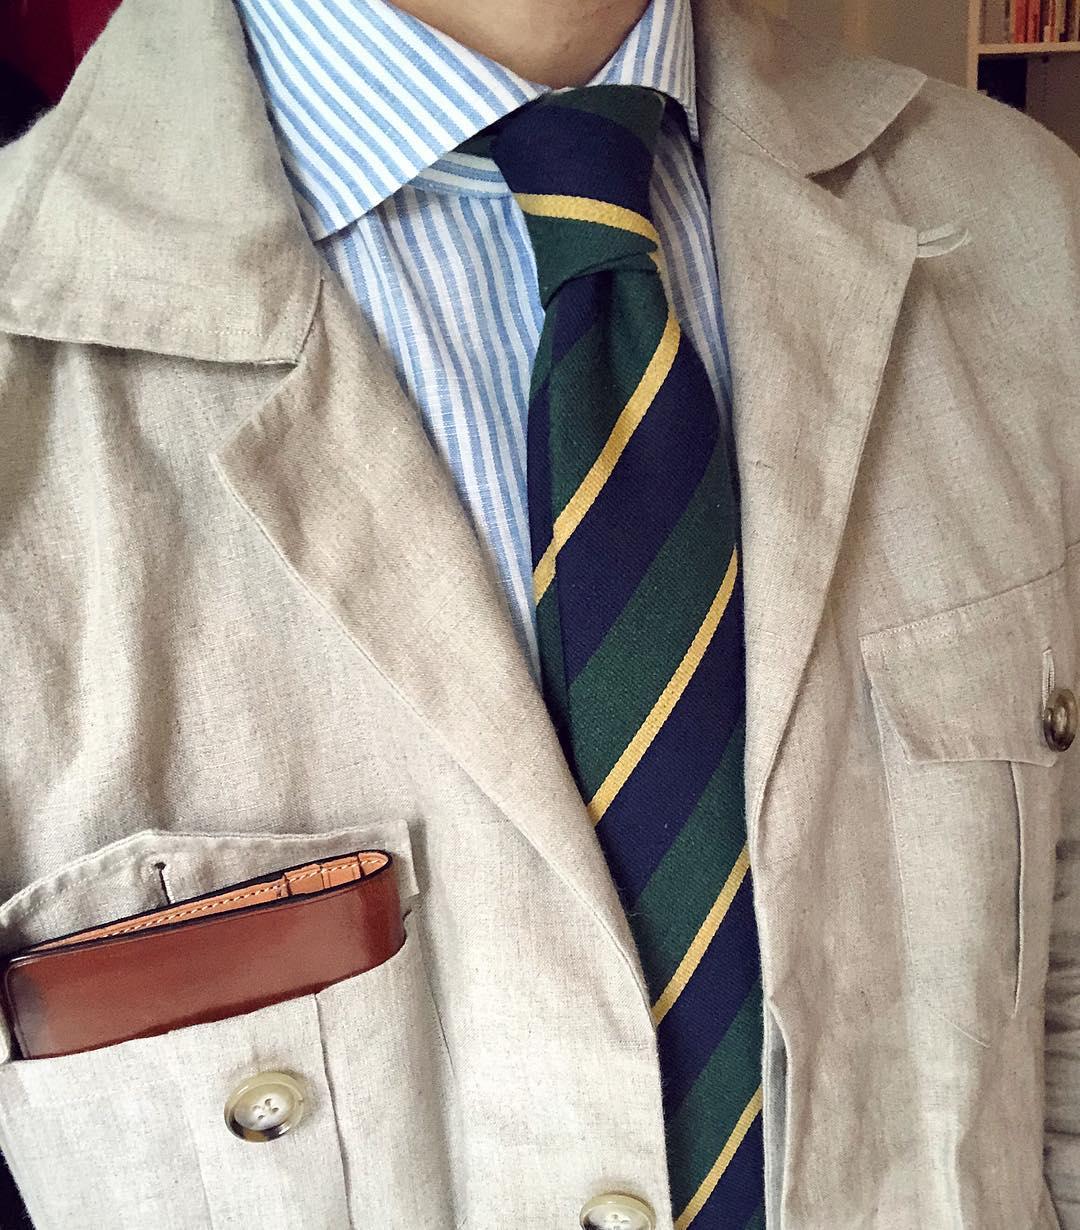 Dans les trois cas, la cravate ne jure pas avec la saharienne, on est bien loin du plouc vu plus haut.